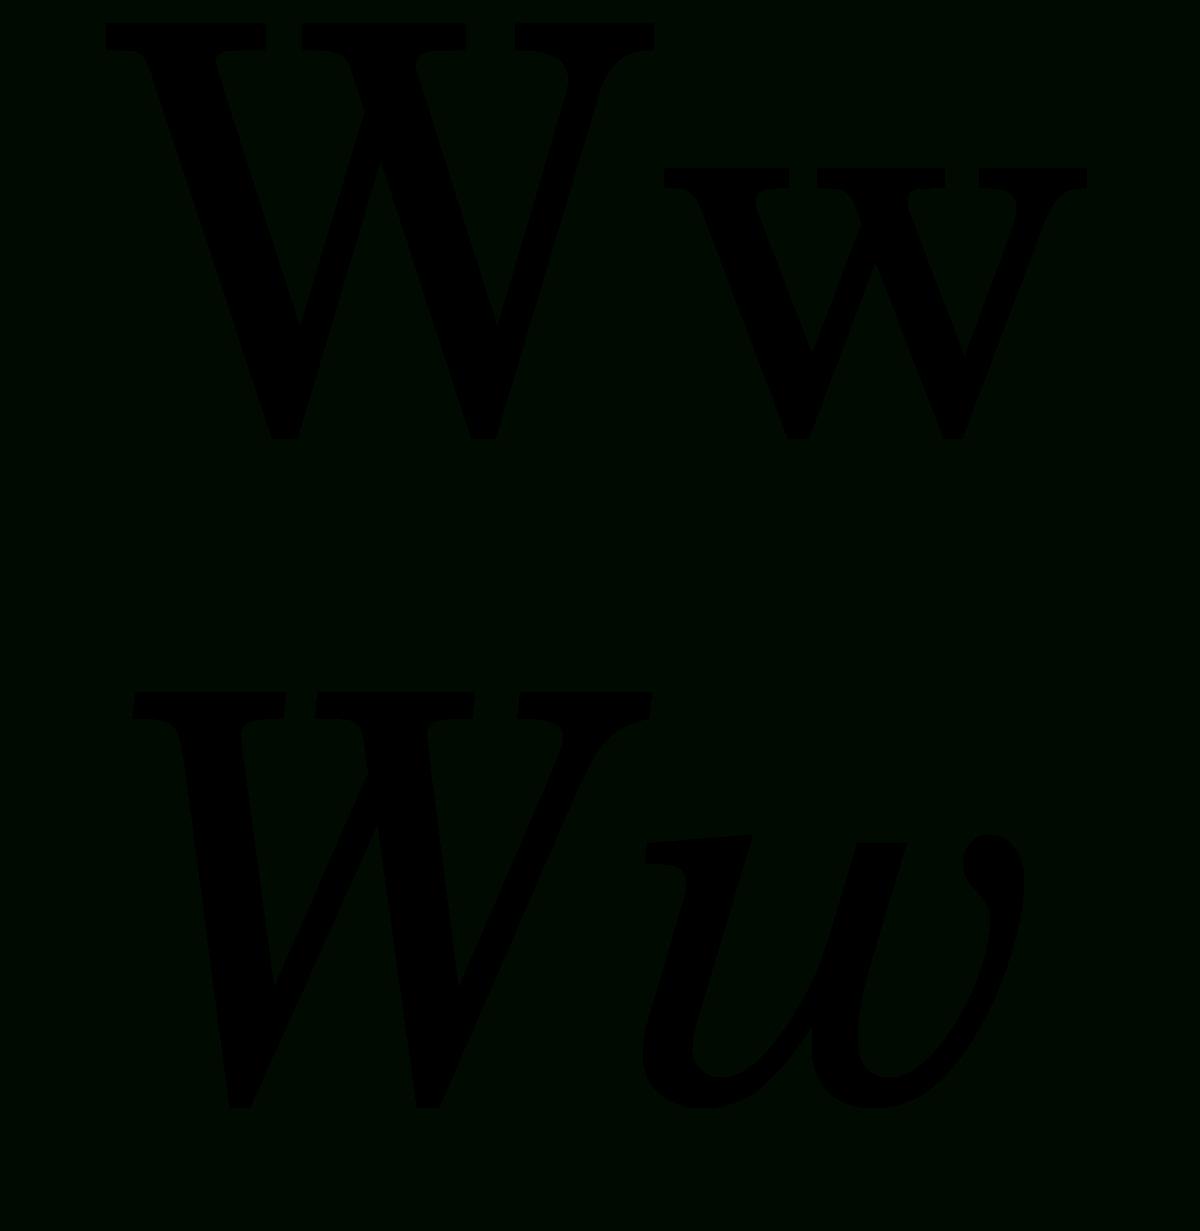 W (Lettre) — Wikipédia serapportantà Comment Écrire Les Lettres De L Alphabet Français